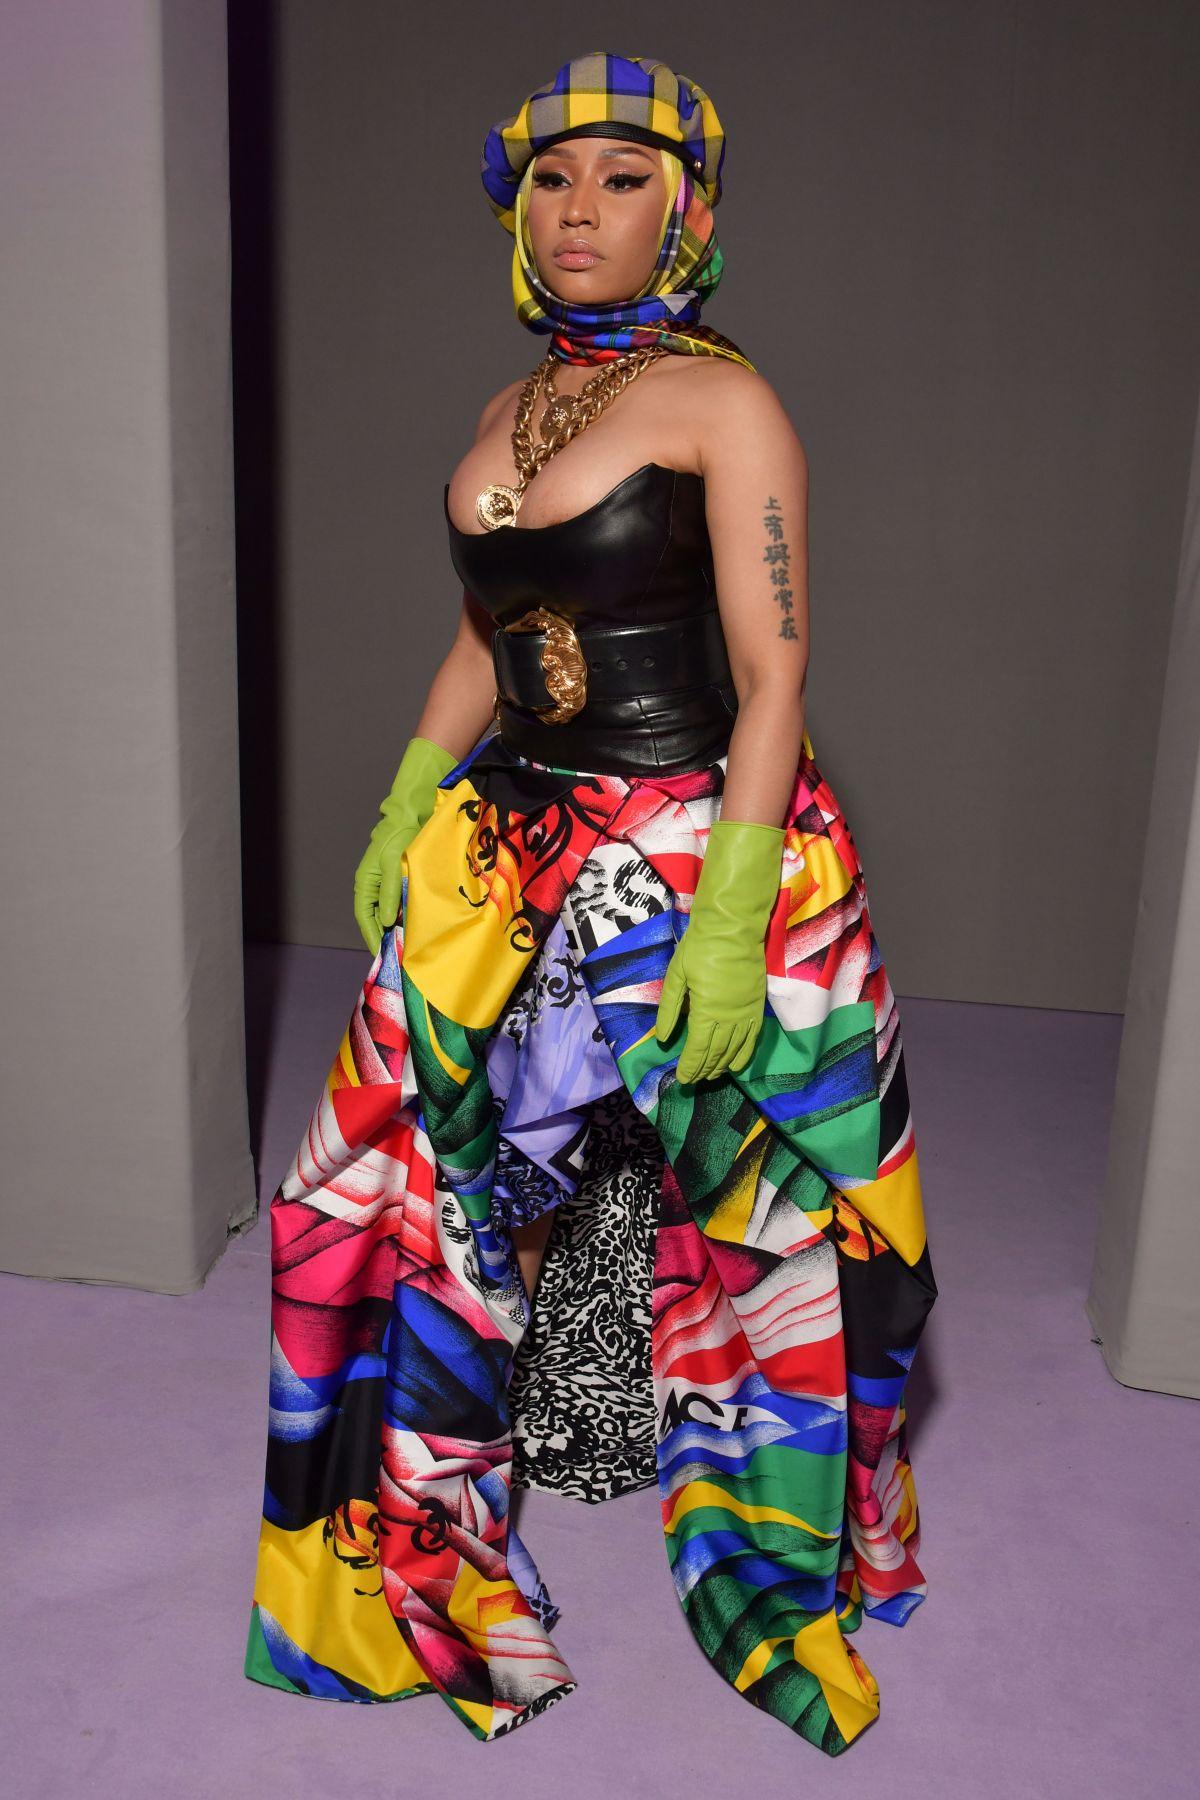 f05f5c9156 Nicki minaj at versace fashion show at in milan jpg 1200x1800 Nicki minaj  versace shirt